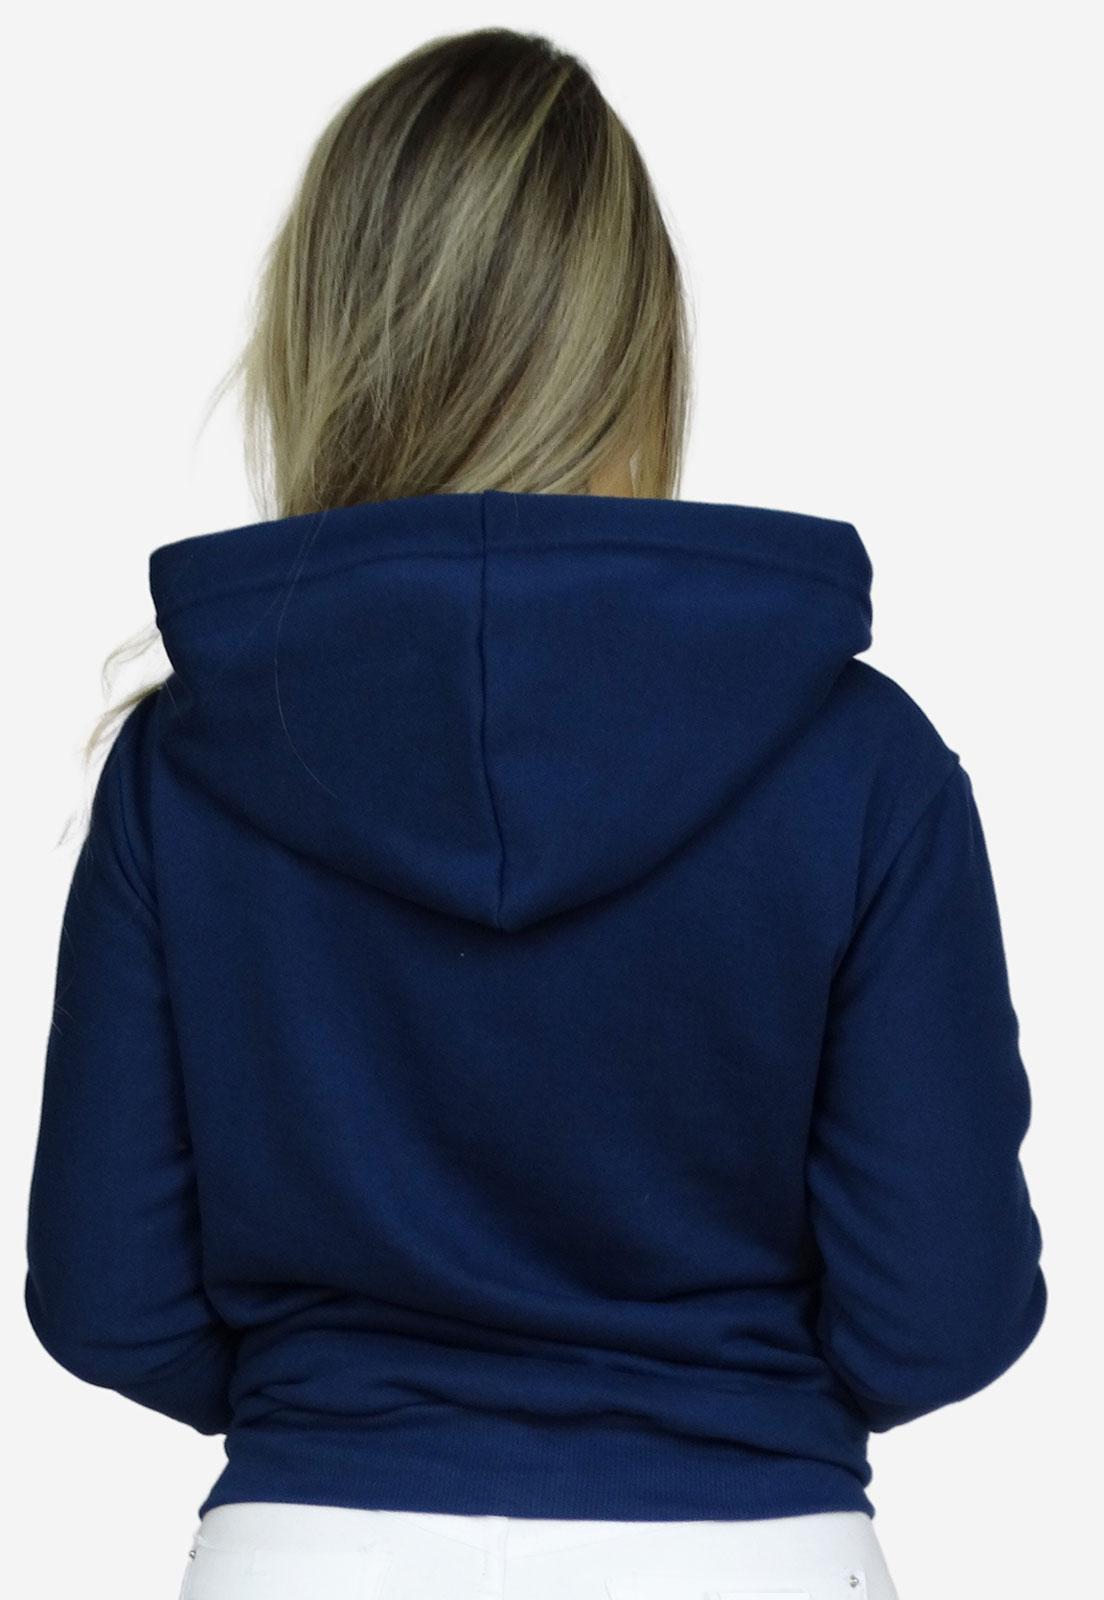 Moletom  com ziper e capuz feminino  azul